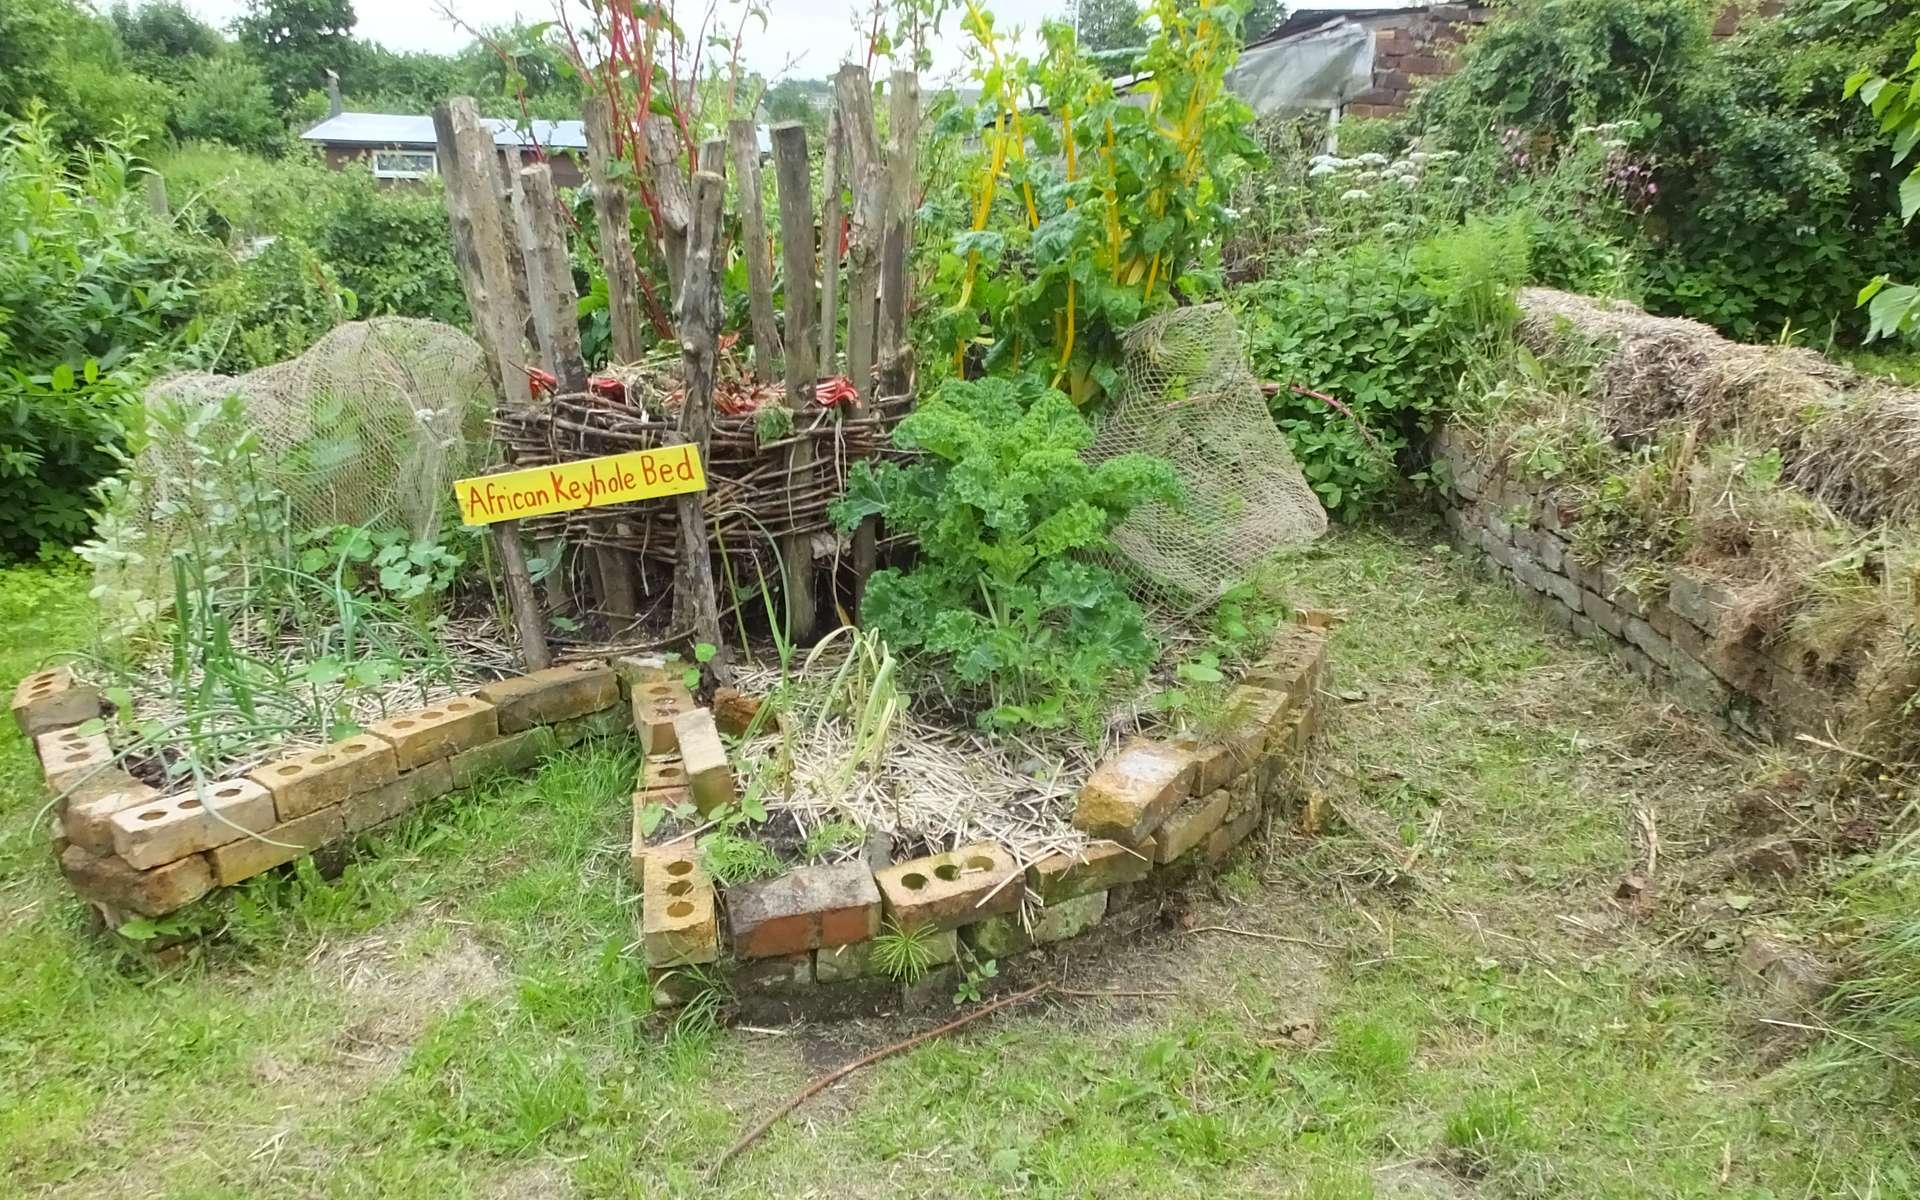 Le jardin en trou de serrure est un concept d'aménagement originaire d'Afrique. Ces méthodes permettent une importante production de légumes sur des surfaces limitées tout en contrôlant l'arrosage. © Clem Rutter, Wikimedia Commons, by-sa 3.0